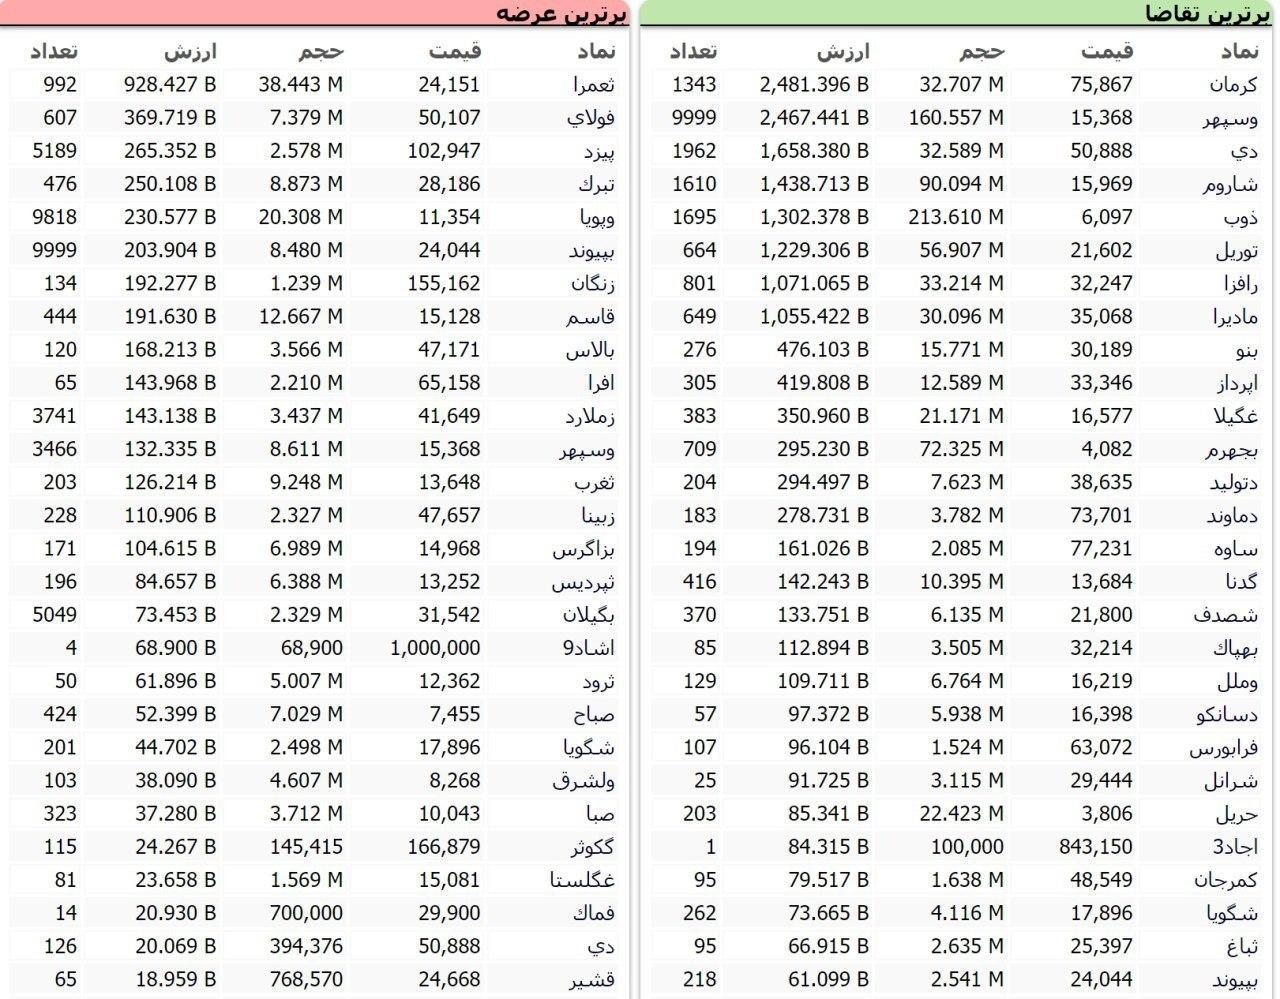 سنگینترین صفهای خرید و فروش سهام در ۱۶ مهر